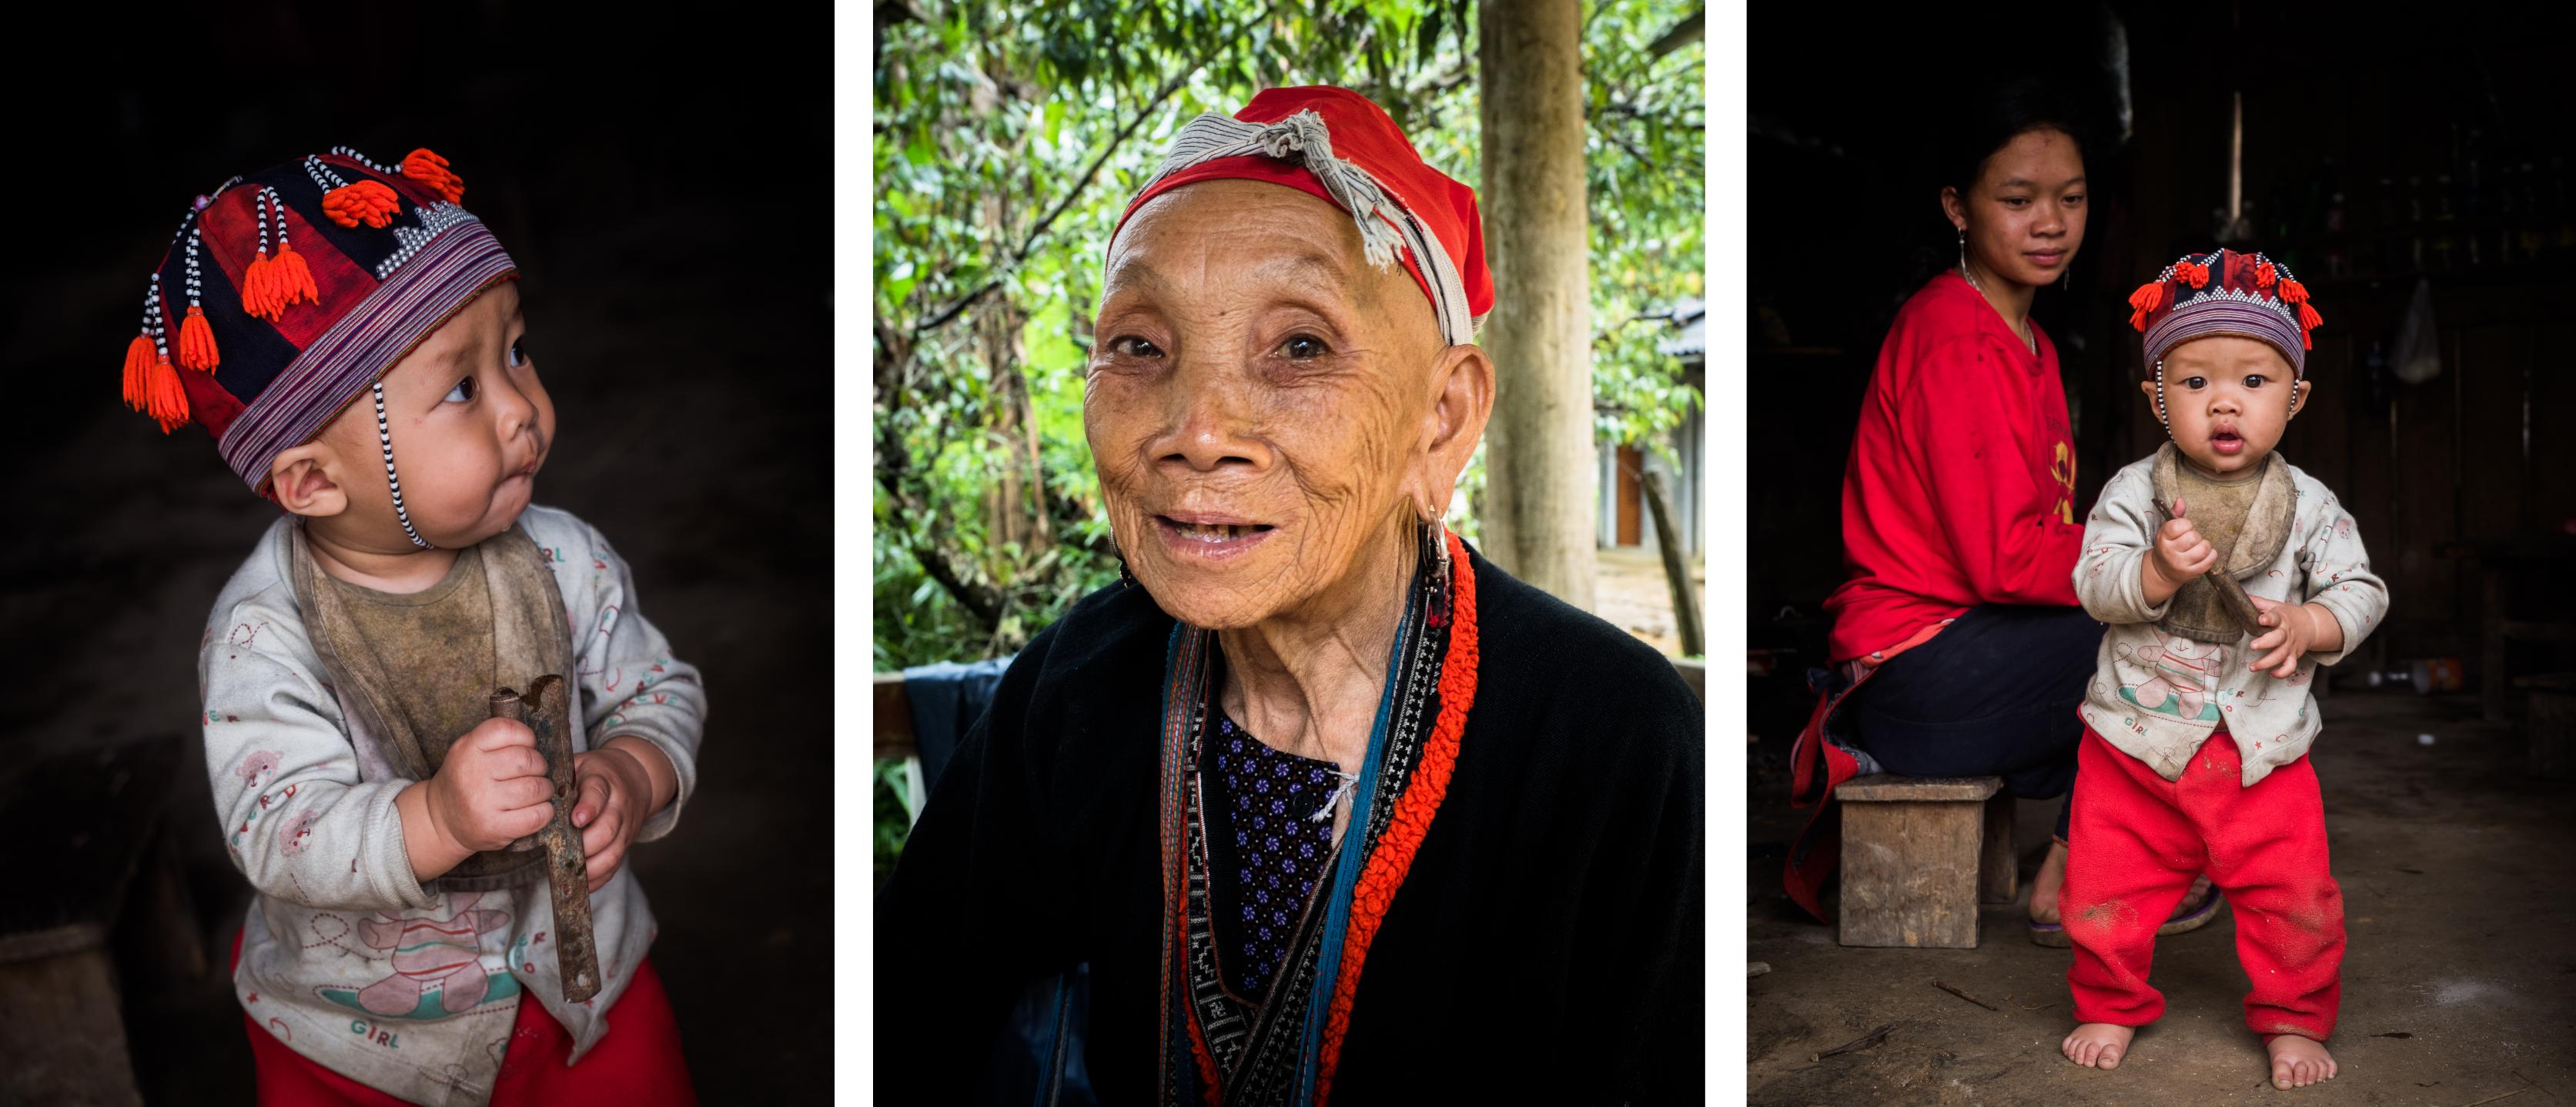 dzao rouges - découvrir le nord du vietnam - ethnies minoritaires